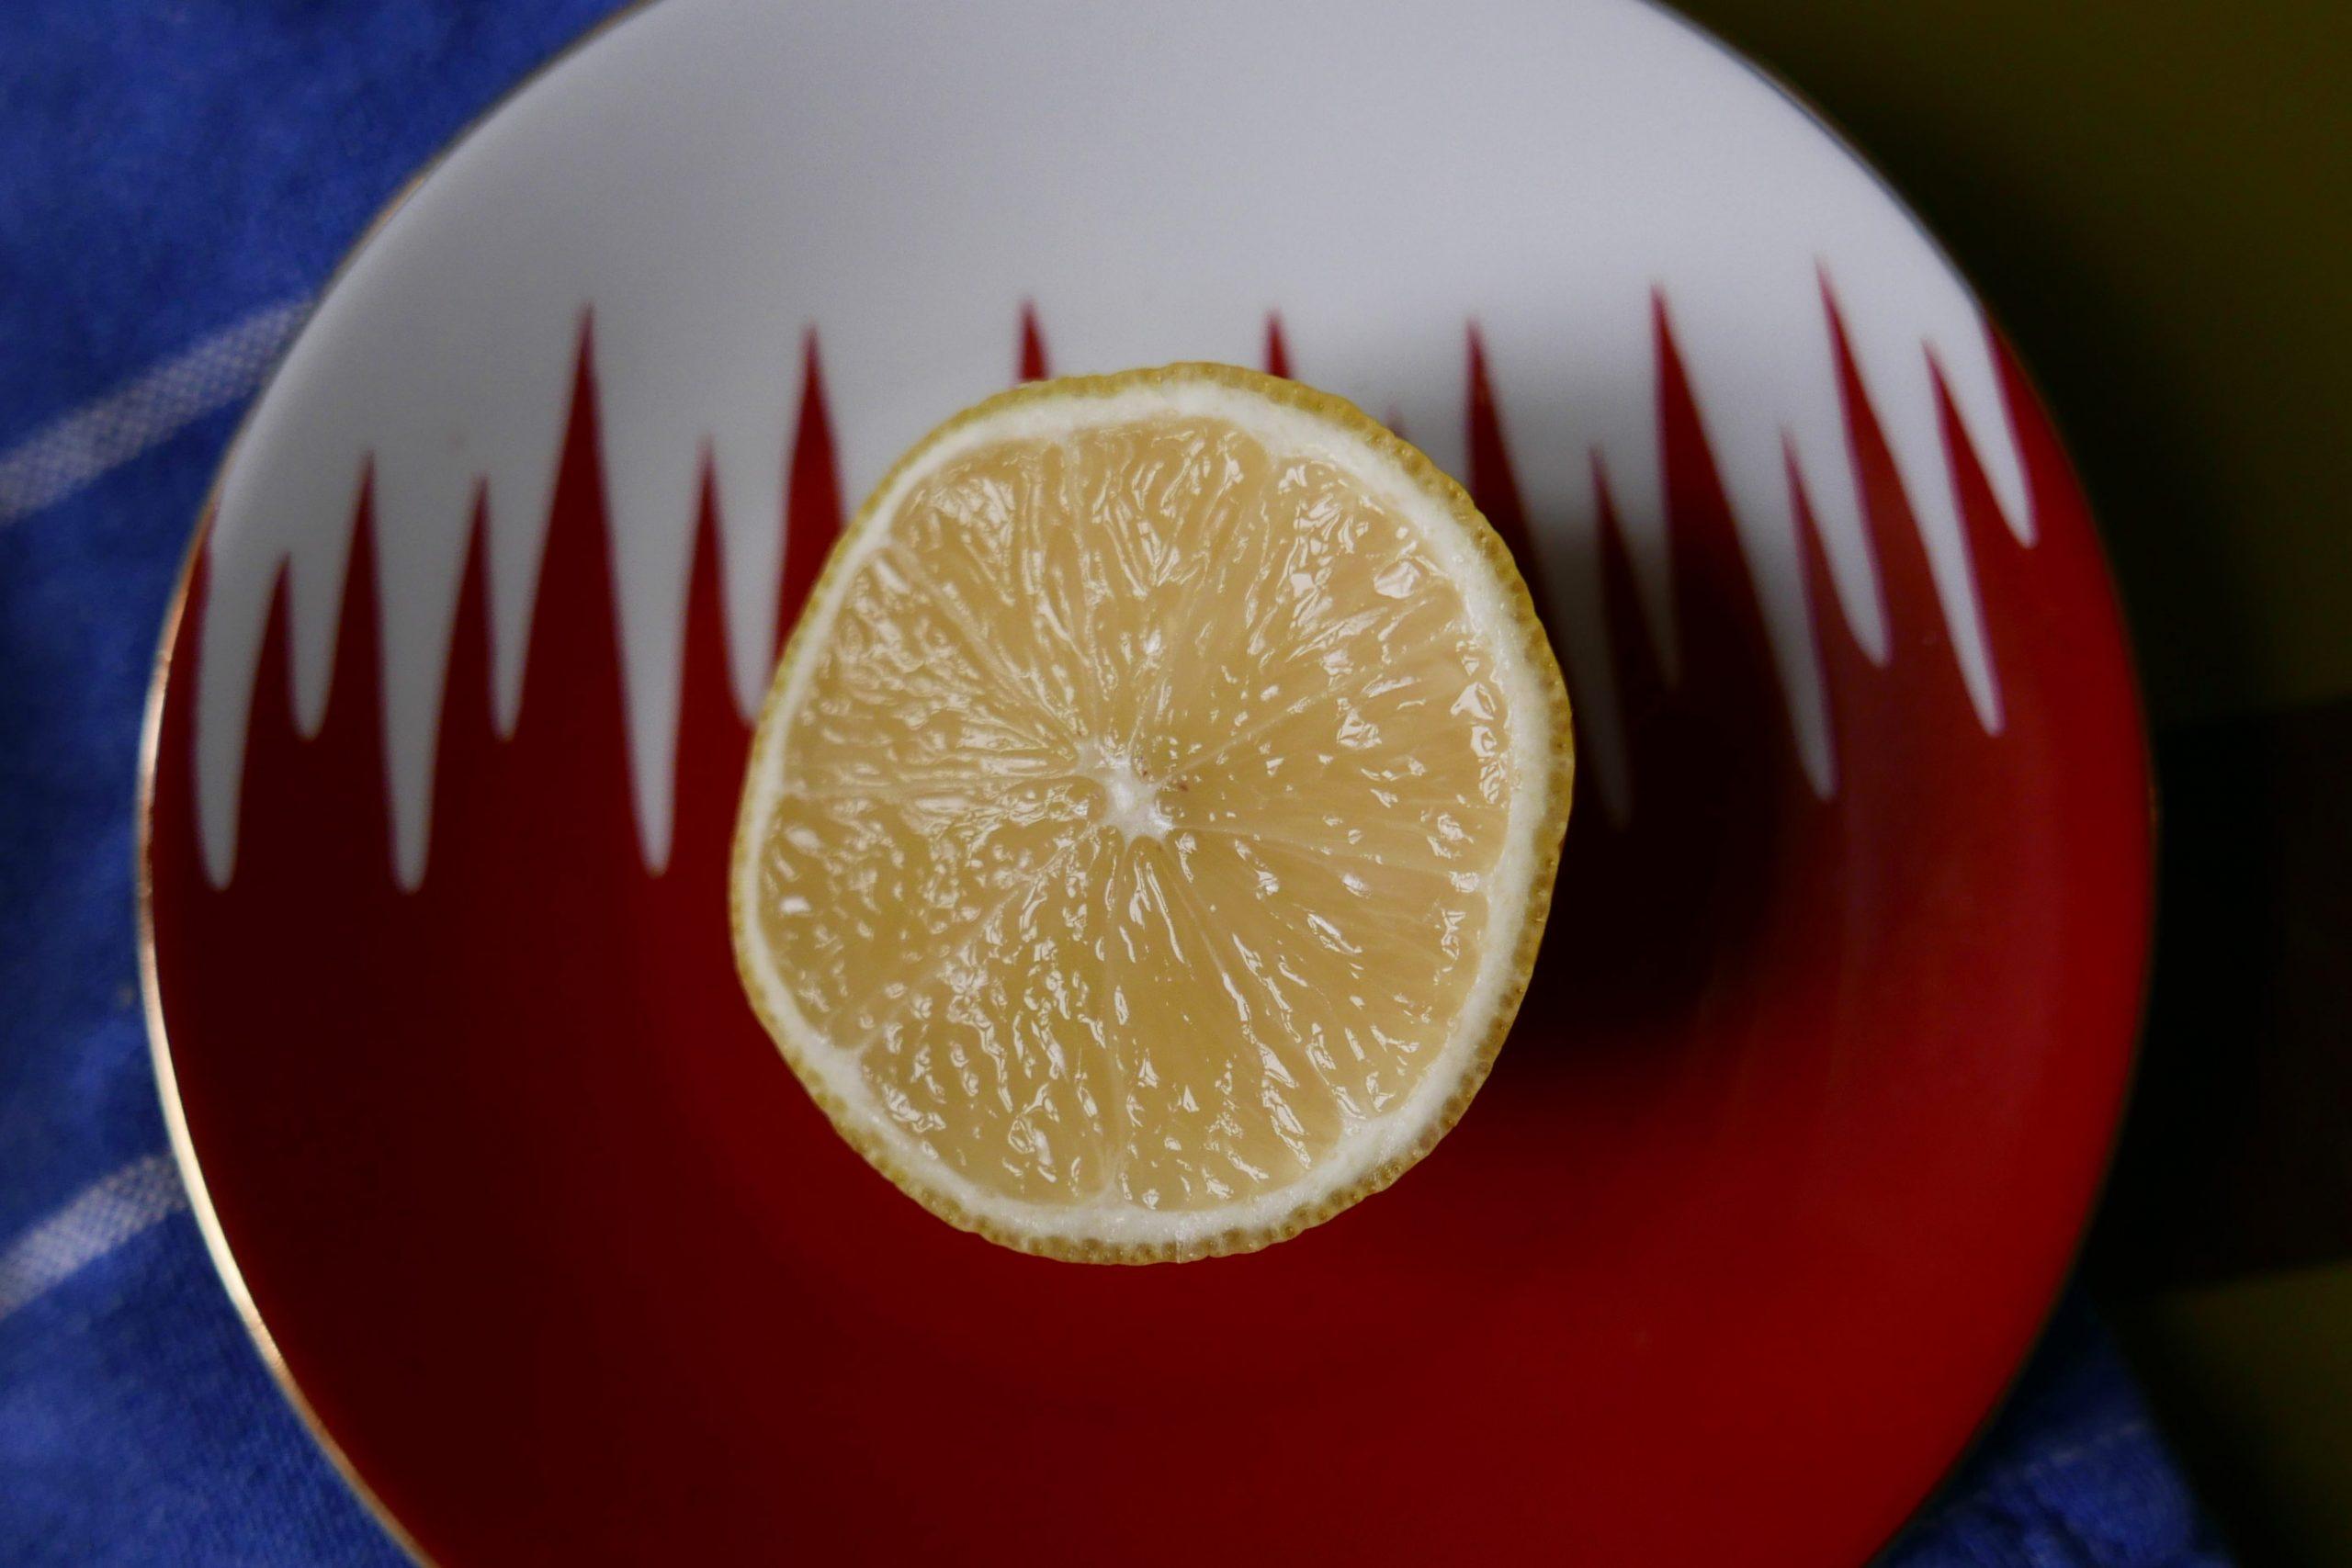 Zitrone auf einer Untertasse mit Schnittfläche nach oben zum Trocknen